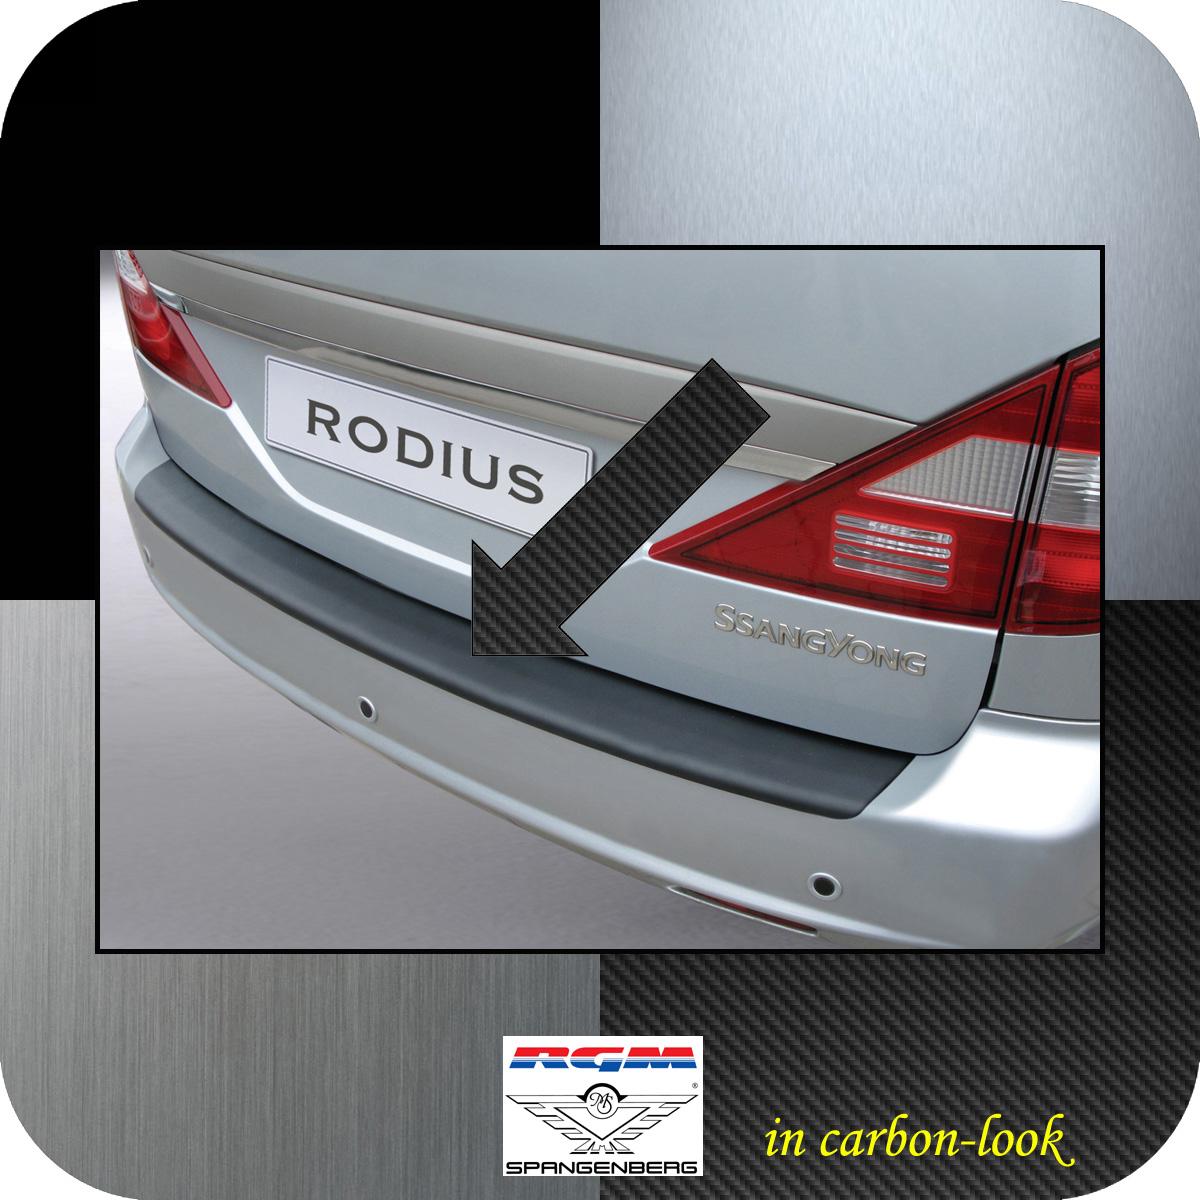 Ladekantenschutz Carbon-Look SsangYong Rodius I Van 5-Türer 2005-2013 3509153